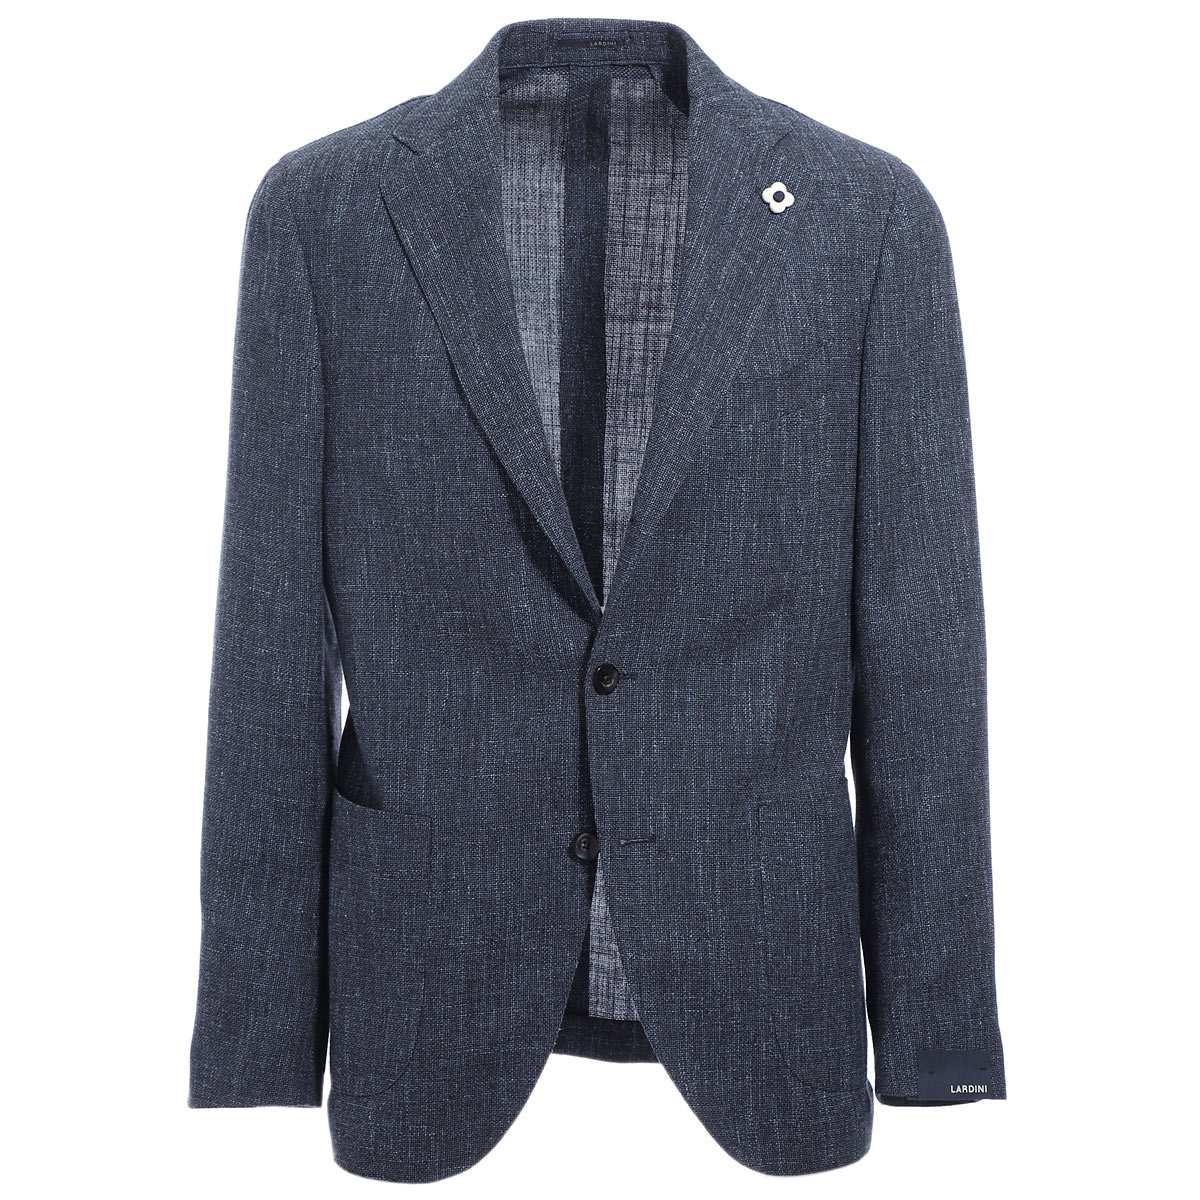 ラルディーニ LARDINI 3つボタン ジャケット ブルー メンズ テーラード ジャケット カジュアル 大きいサイズあり ei0526av rp54591 1 SPECIAL LINE JAPAN FIT【あす楽対応_関東】【返品送料無料】【ラッピング無料】